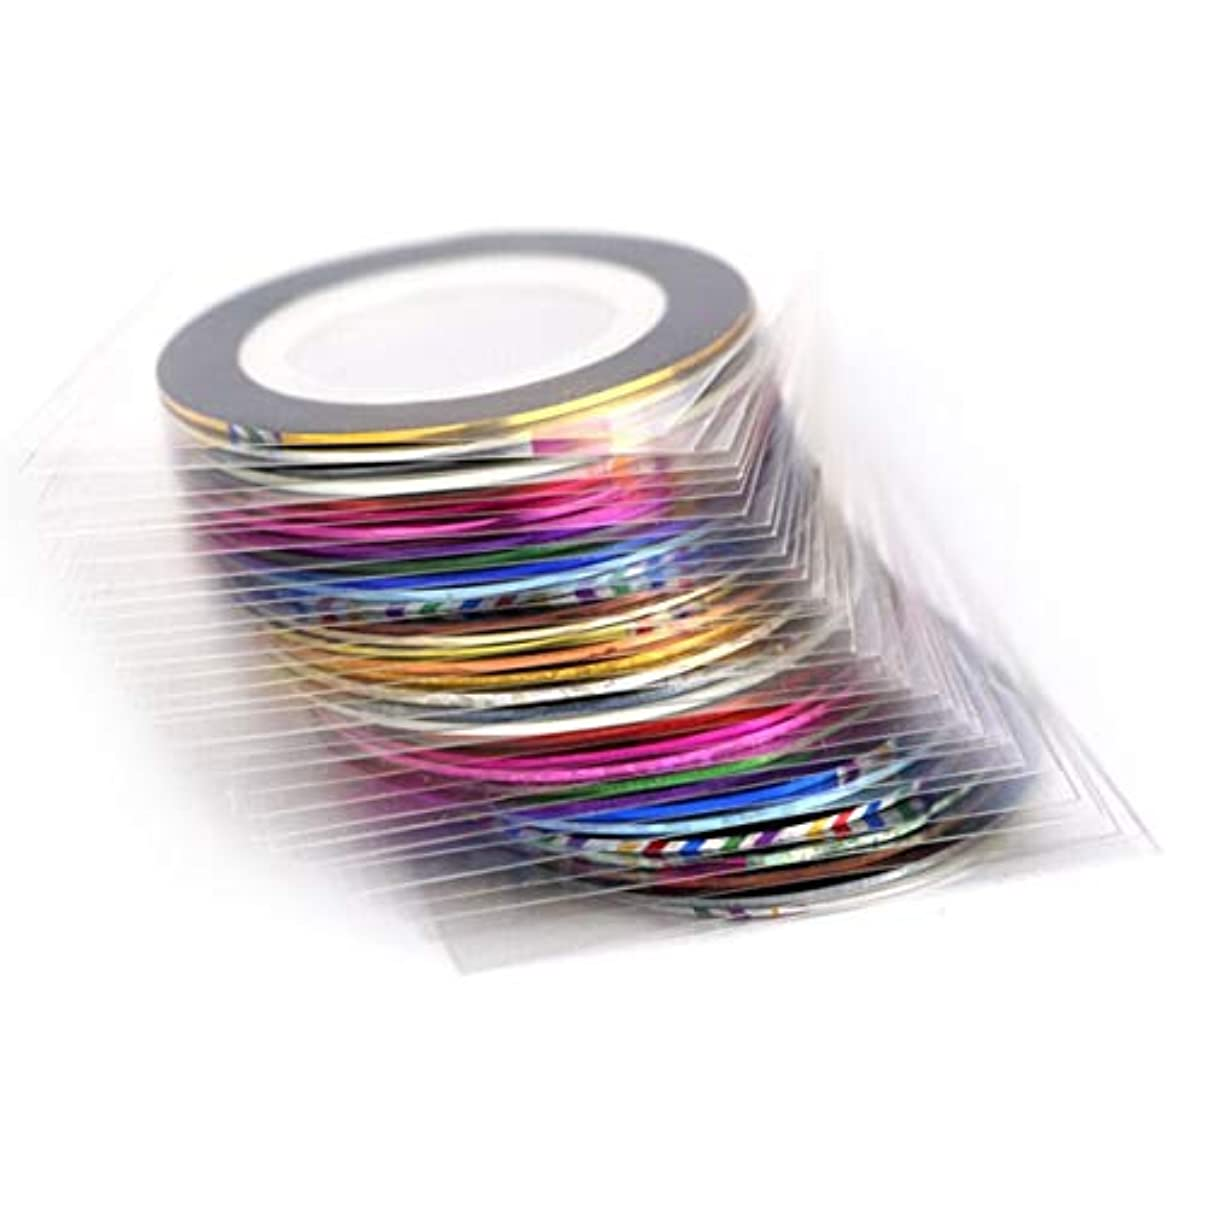 先入観余裕があるさまようバードランタンネイルゴールドスレッドペースト色付きドローイングライン接着テープネイルステッカー10色20色30色